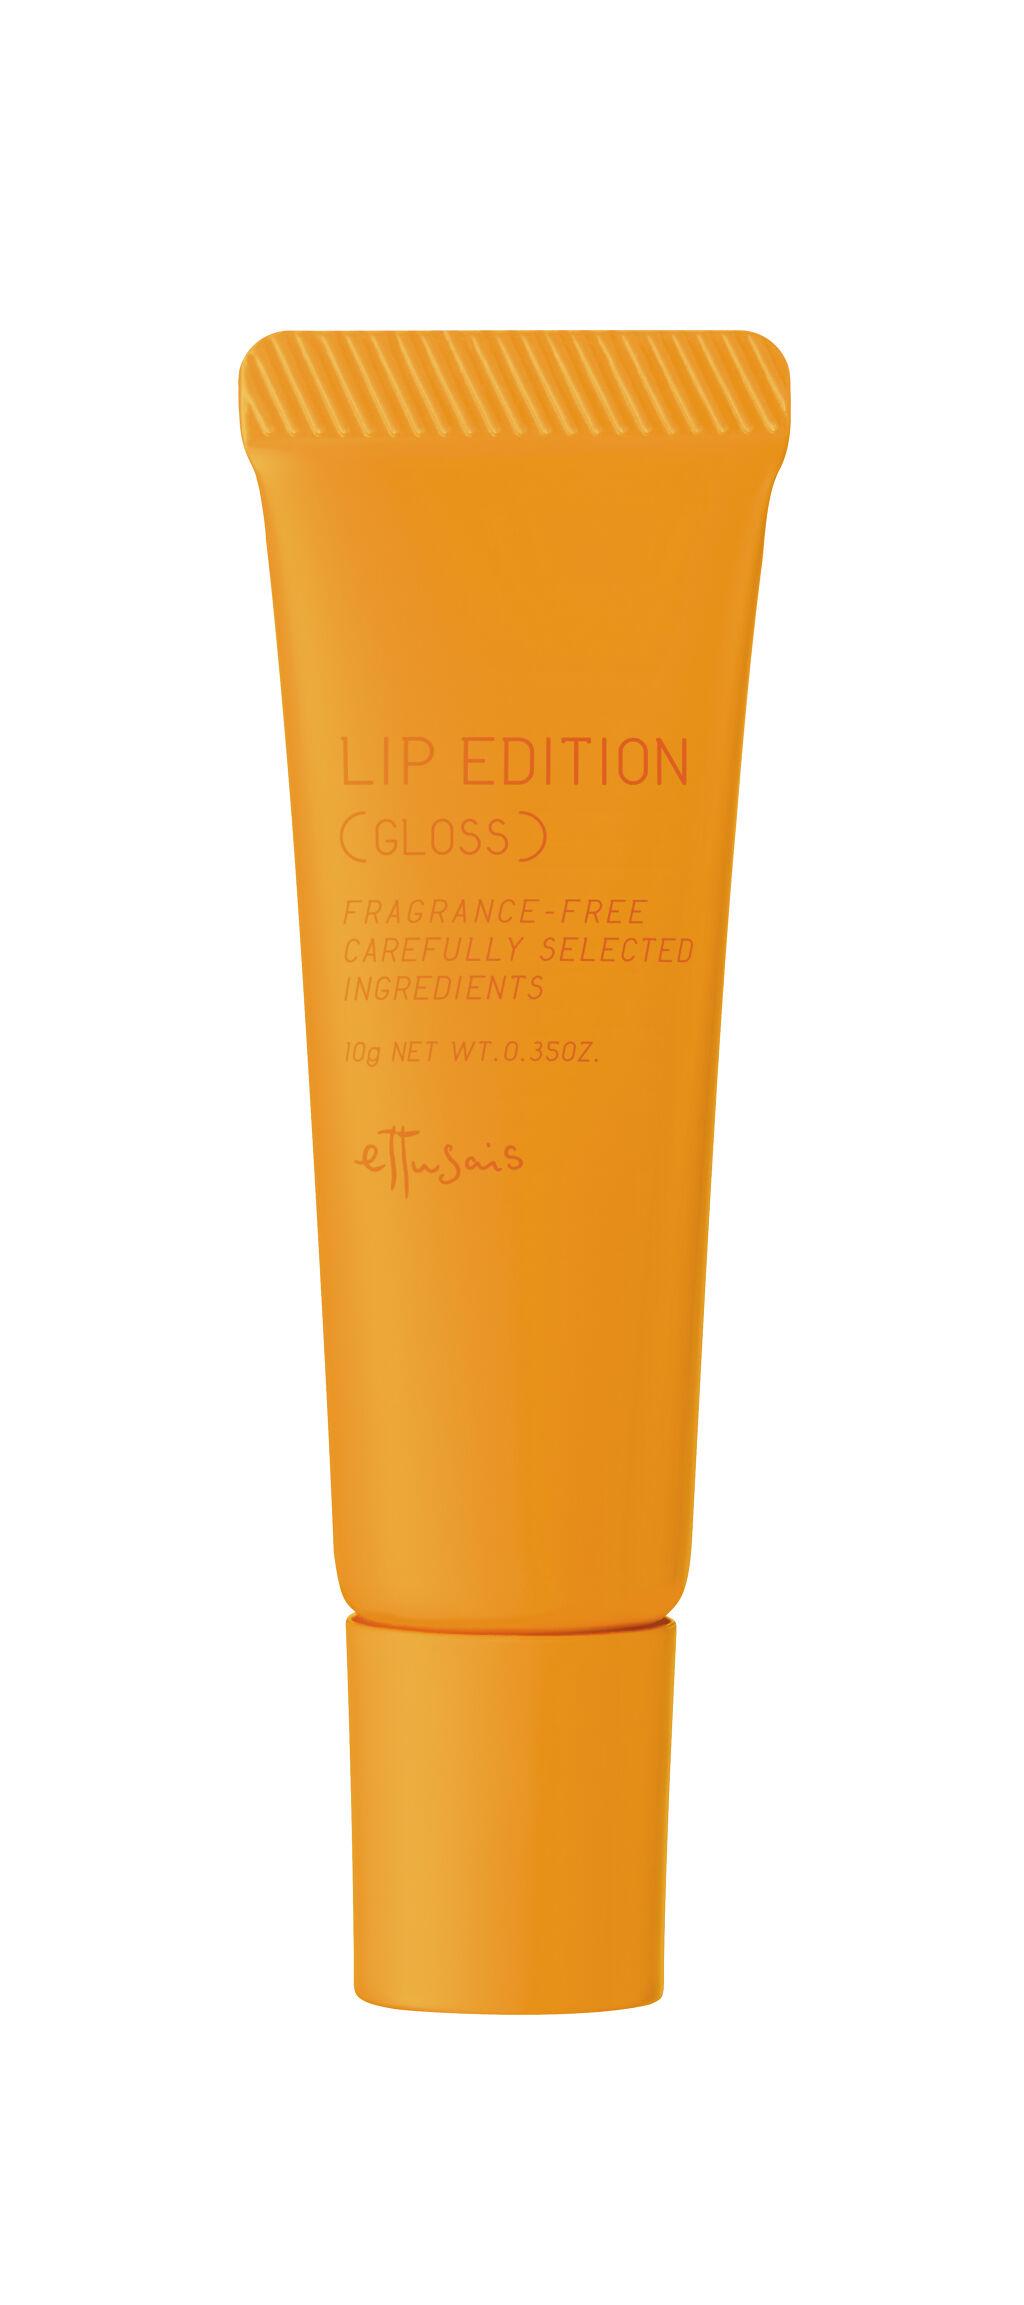 エテュセ リップエディション(グロス) 03 ビタミンオレンジ